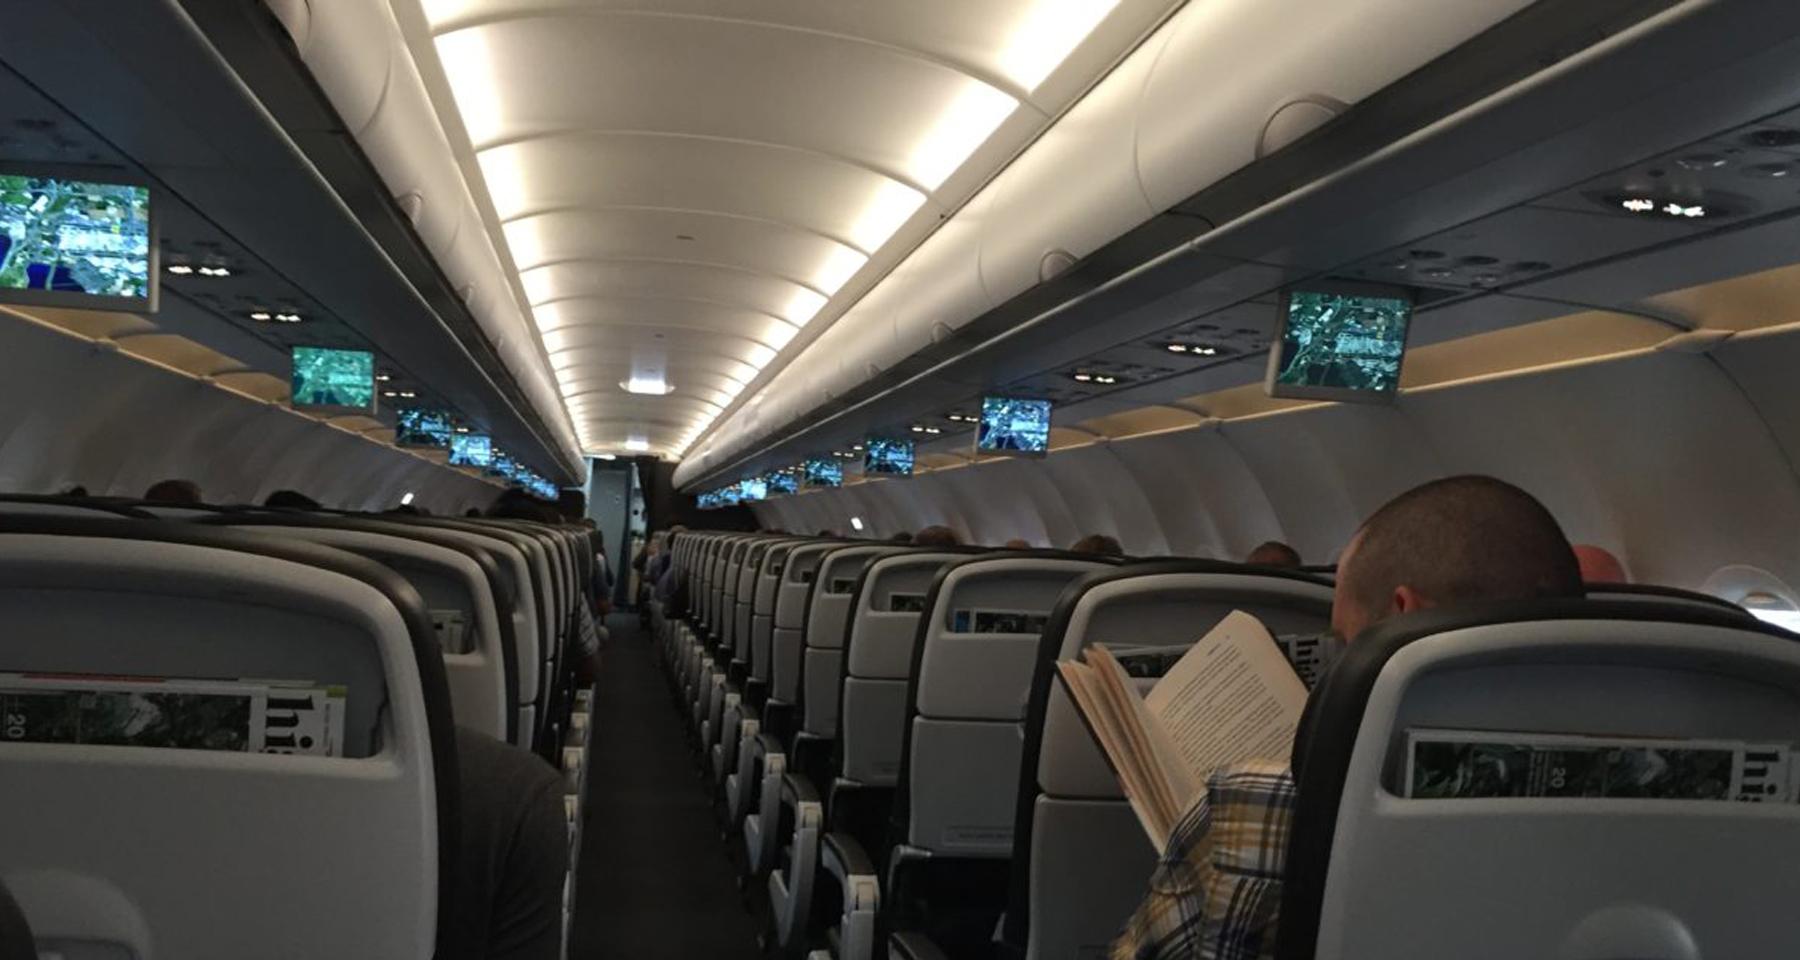 выжить в авиакатастрофе: 4 основных правила